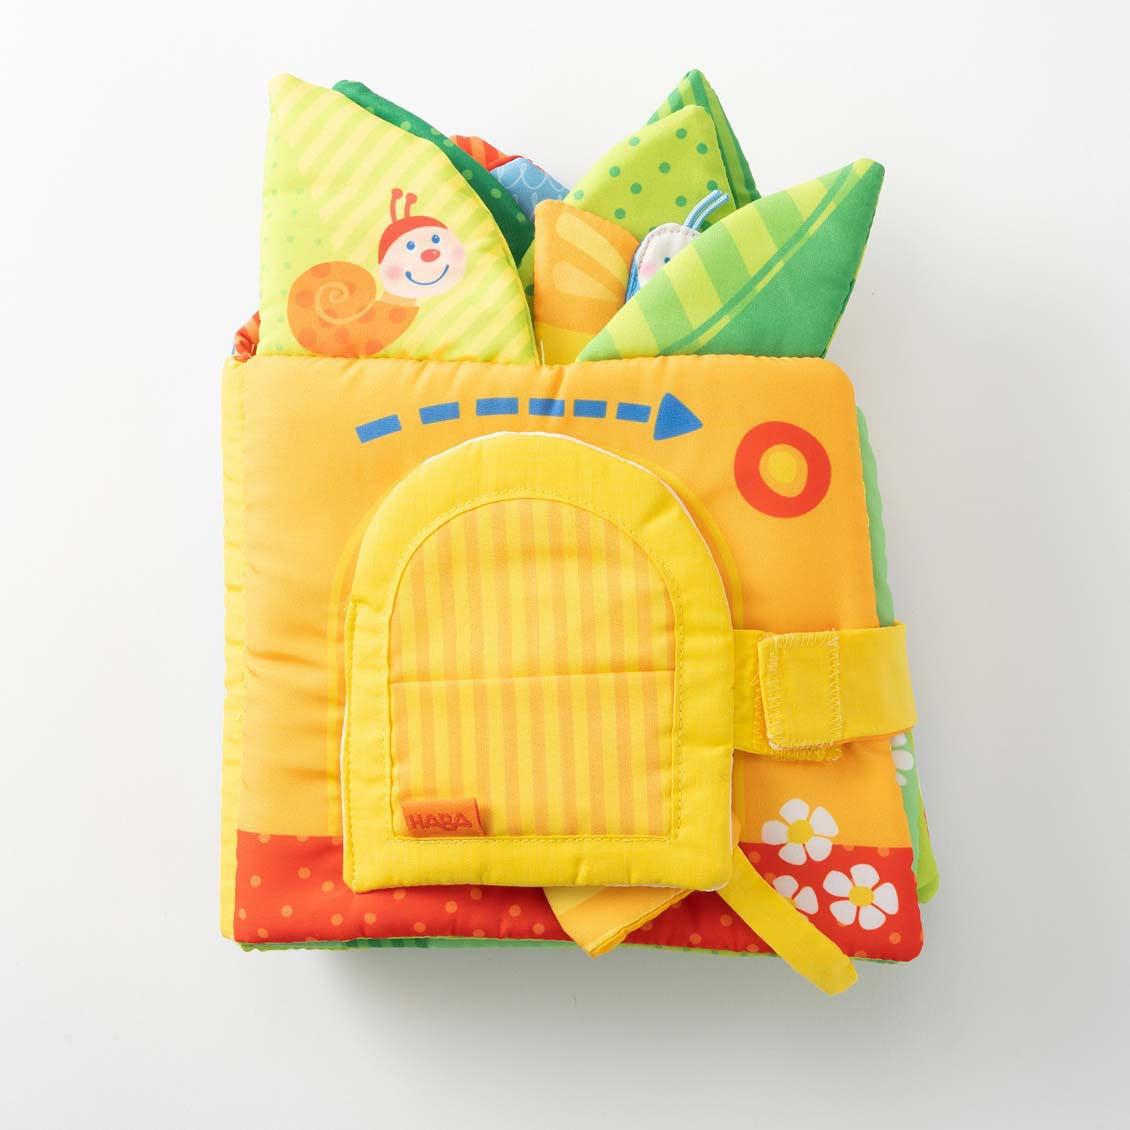 クロースブック・リトルリーフハウス|布のおもちゃ